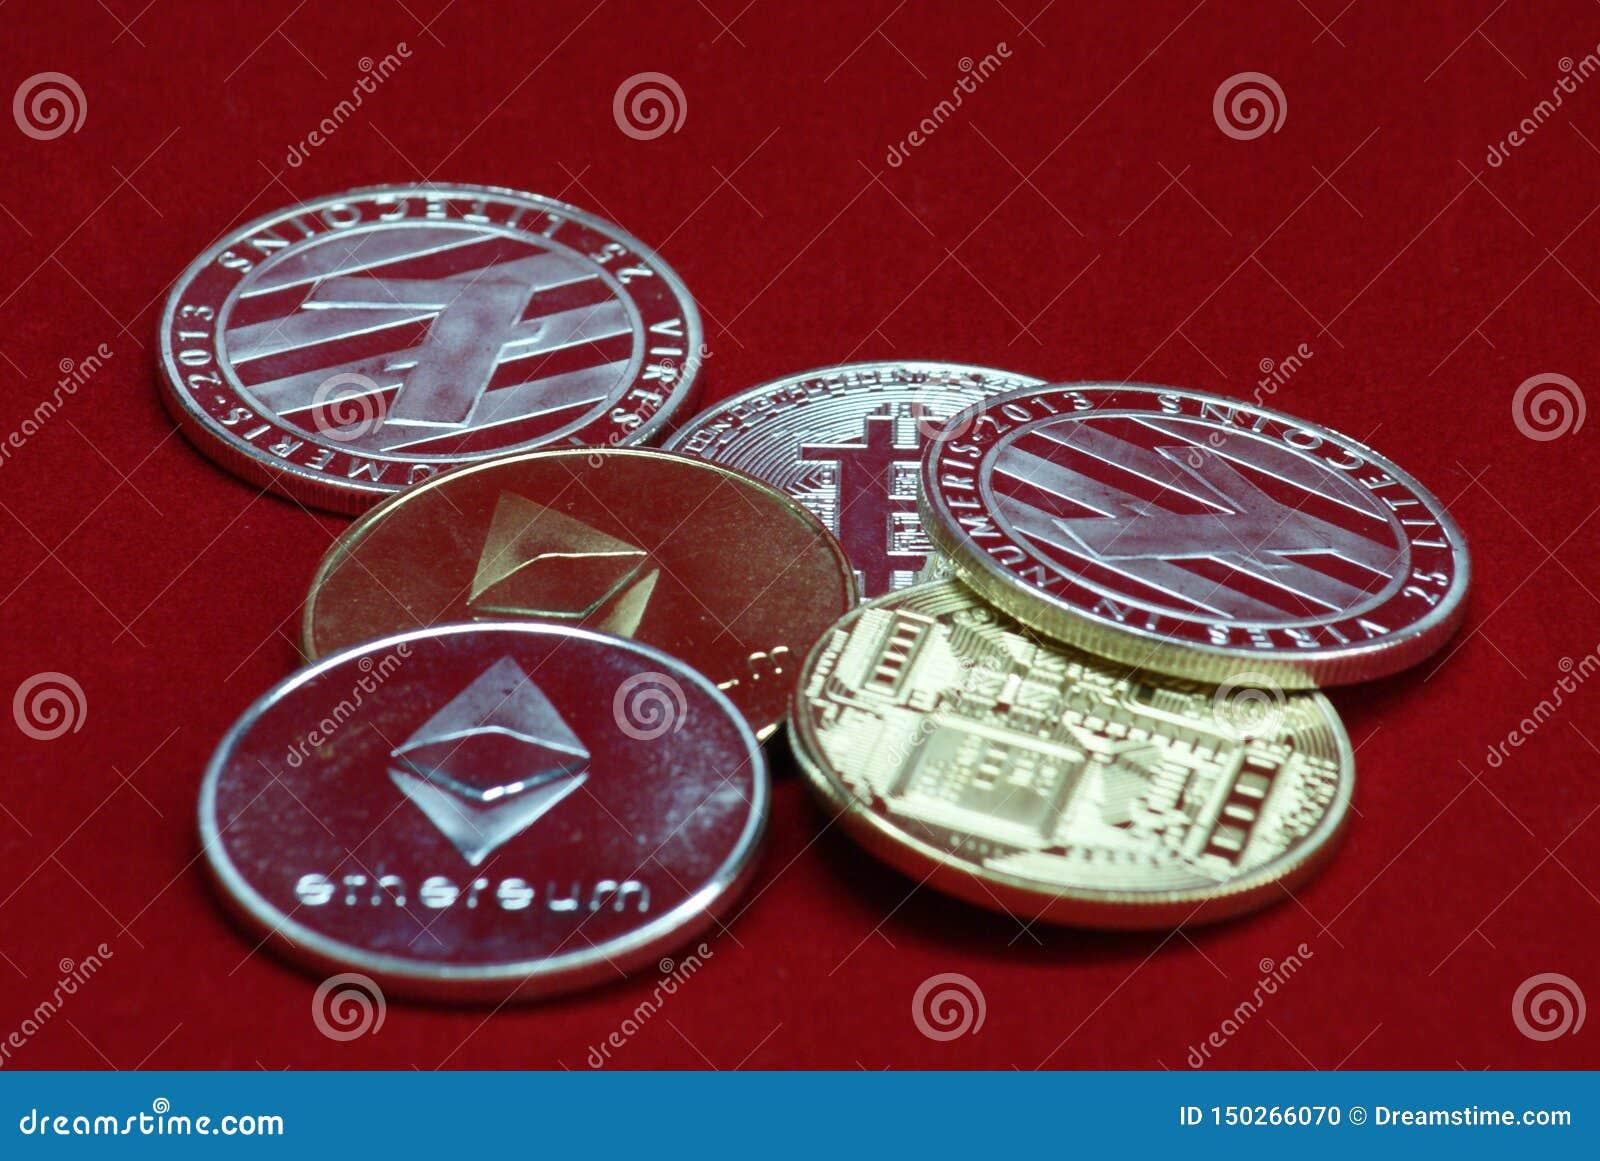 Sterta złota i srebra cryptocurrency monety na czerwonym aksamitnym tle